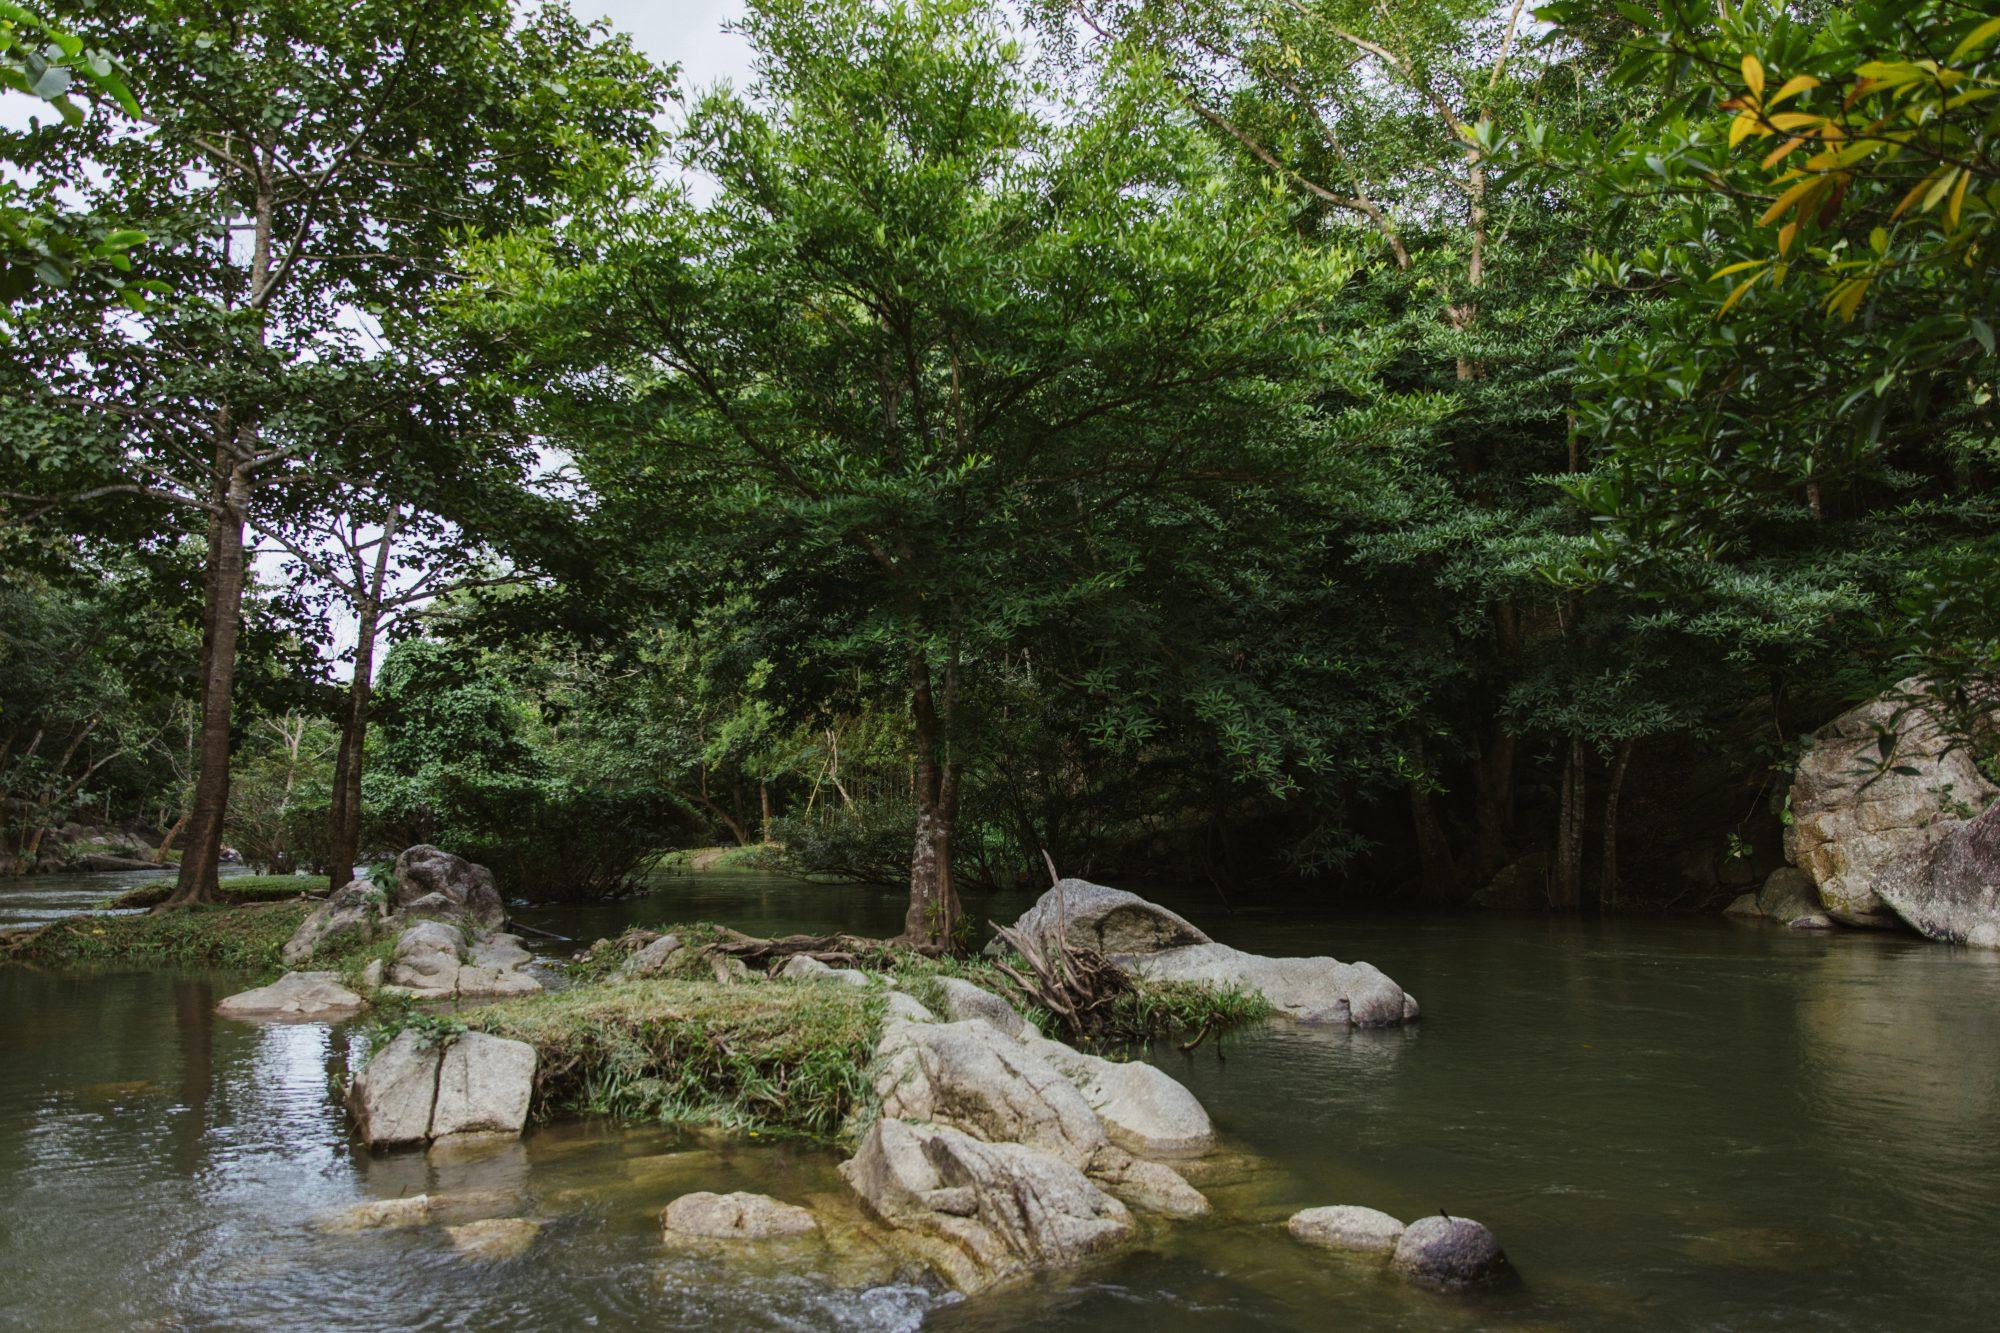 3 วันในราชบุรีเที่ยวไม่เหนื่อย เน้นกินเก่งกับธรรมชาติสวย งานอาร์ตและฝูงลิง